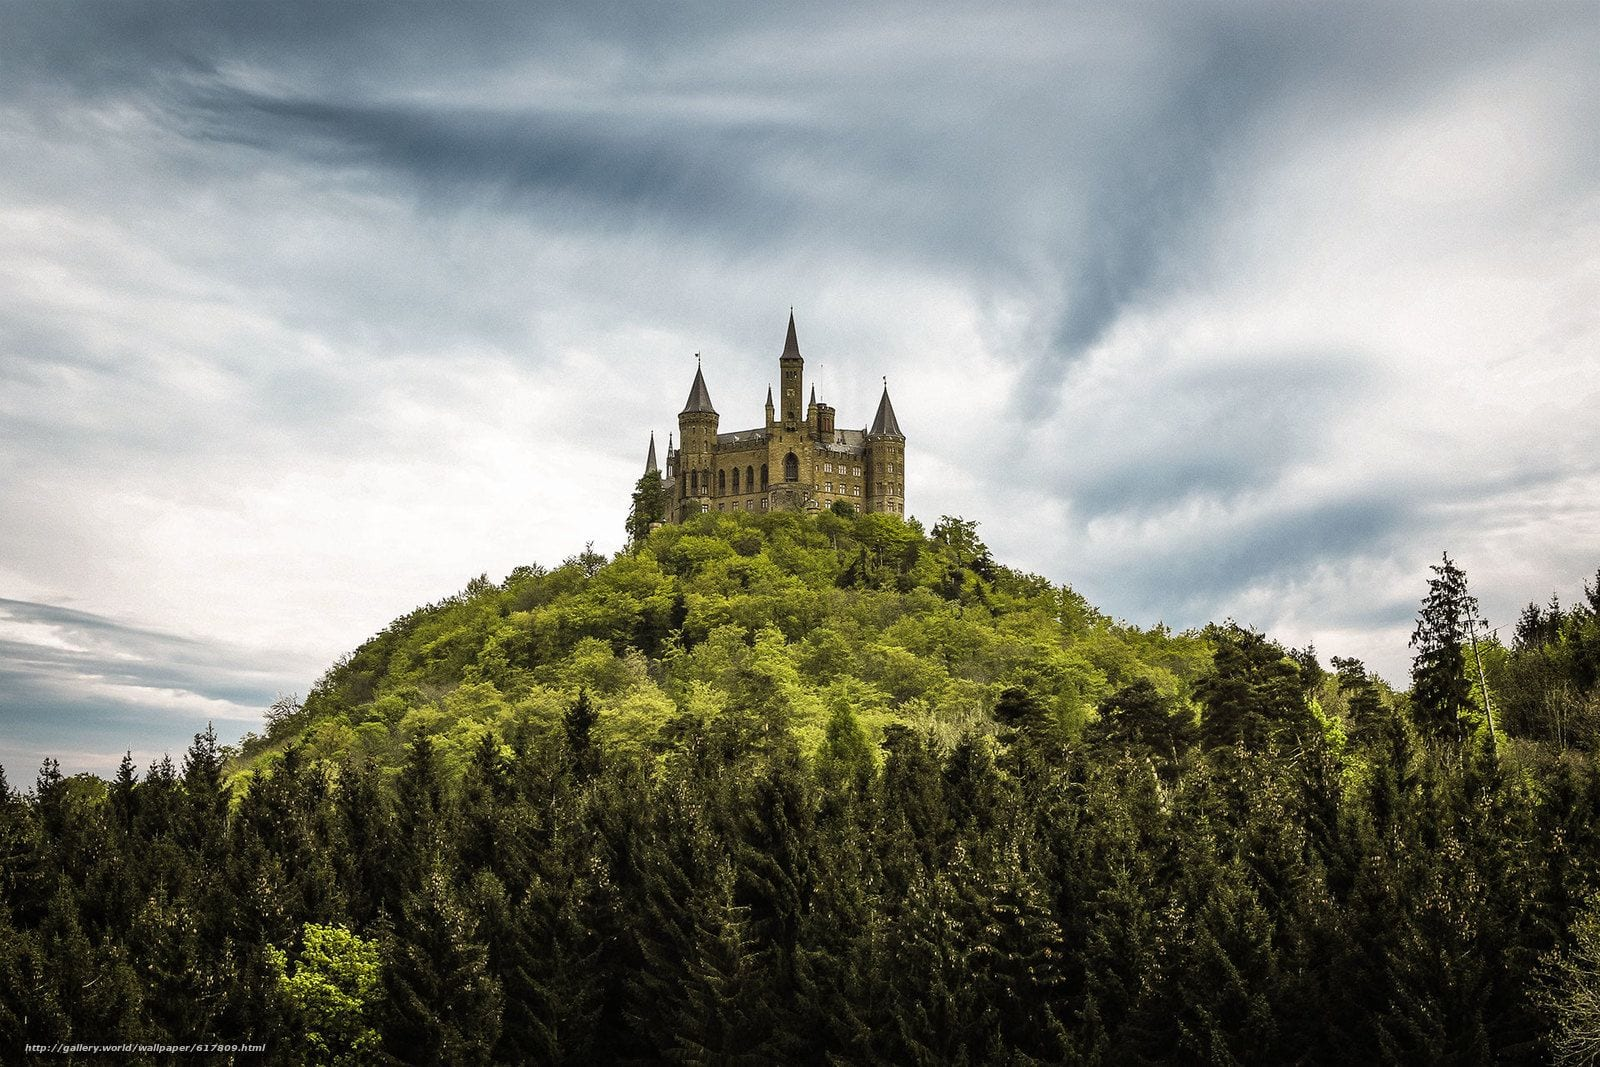 Floresta negra - O cenário de famosos contos de fadas é real